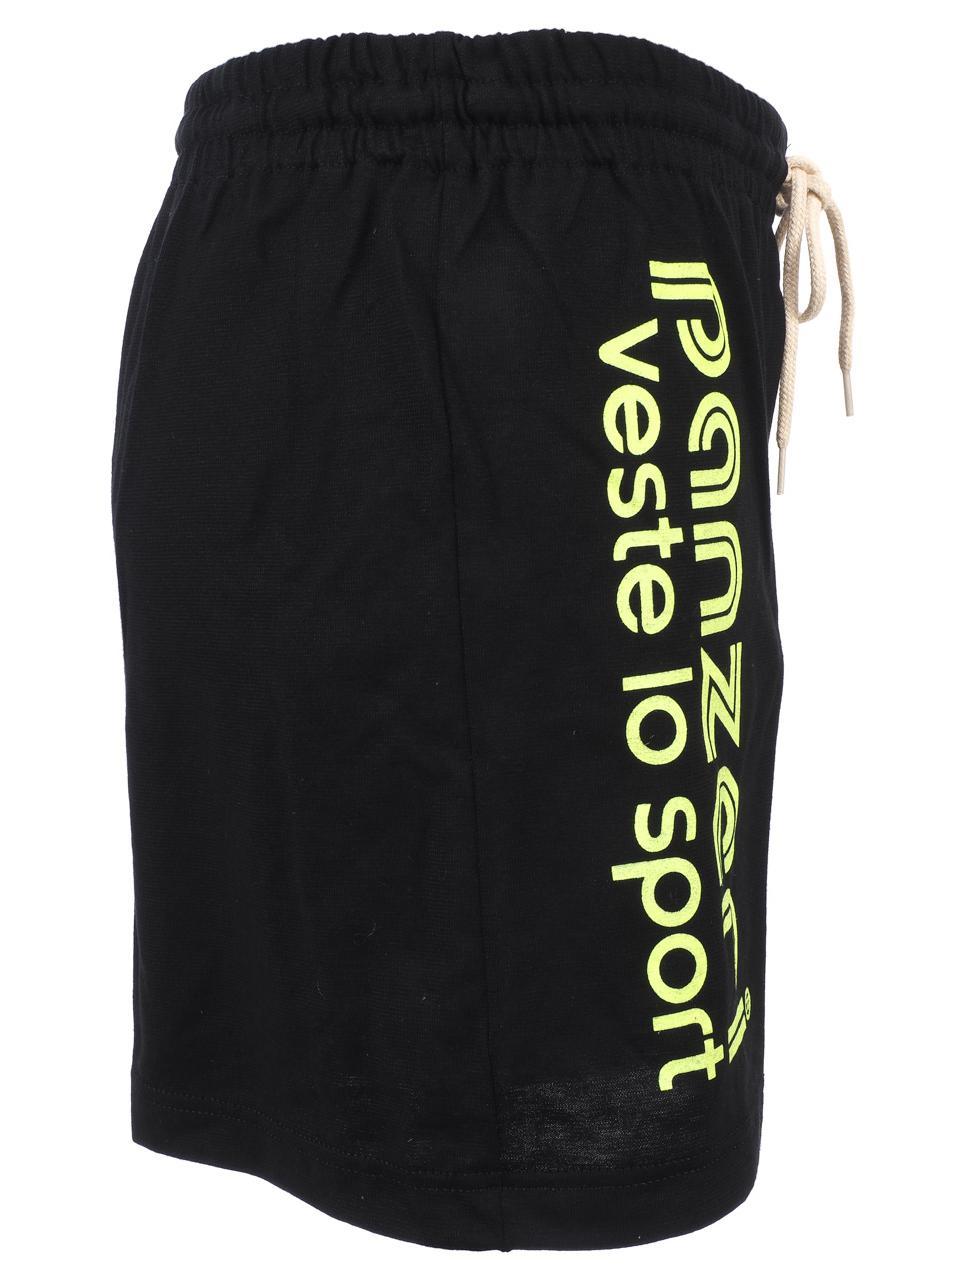 Shorts-Multi-Panzeri-Plain-a-Black-Flowers-Jne-Jersey-Black-22068-New thumbnail 2